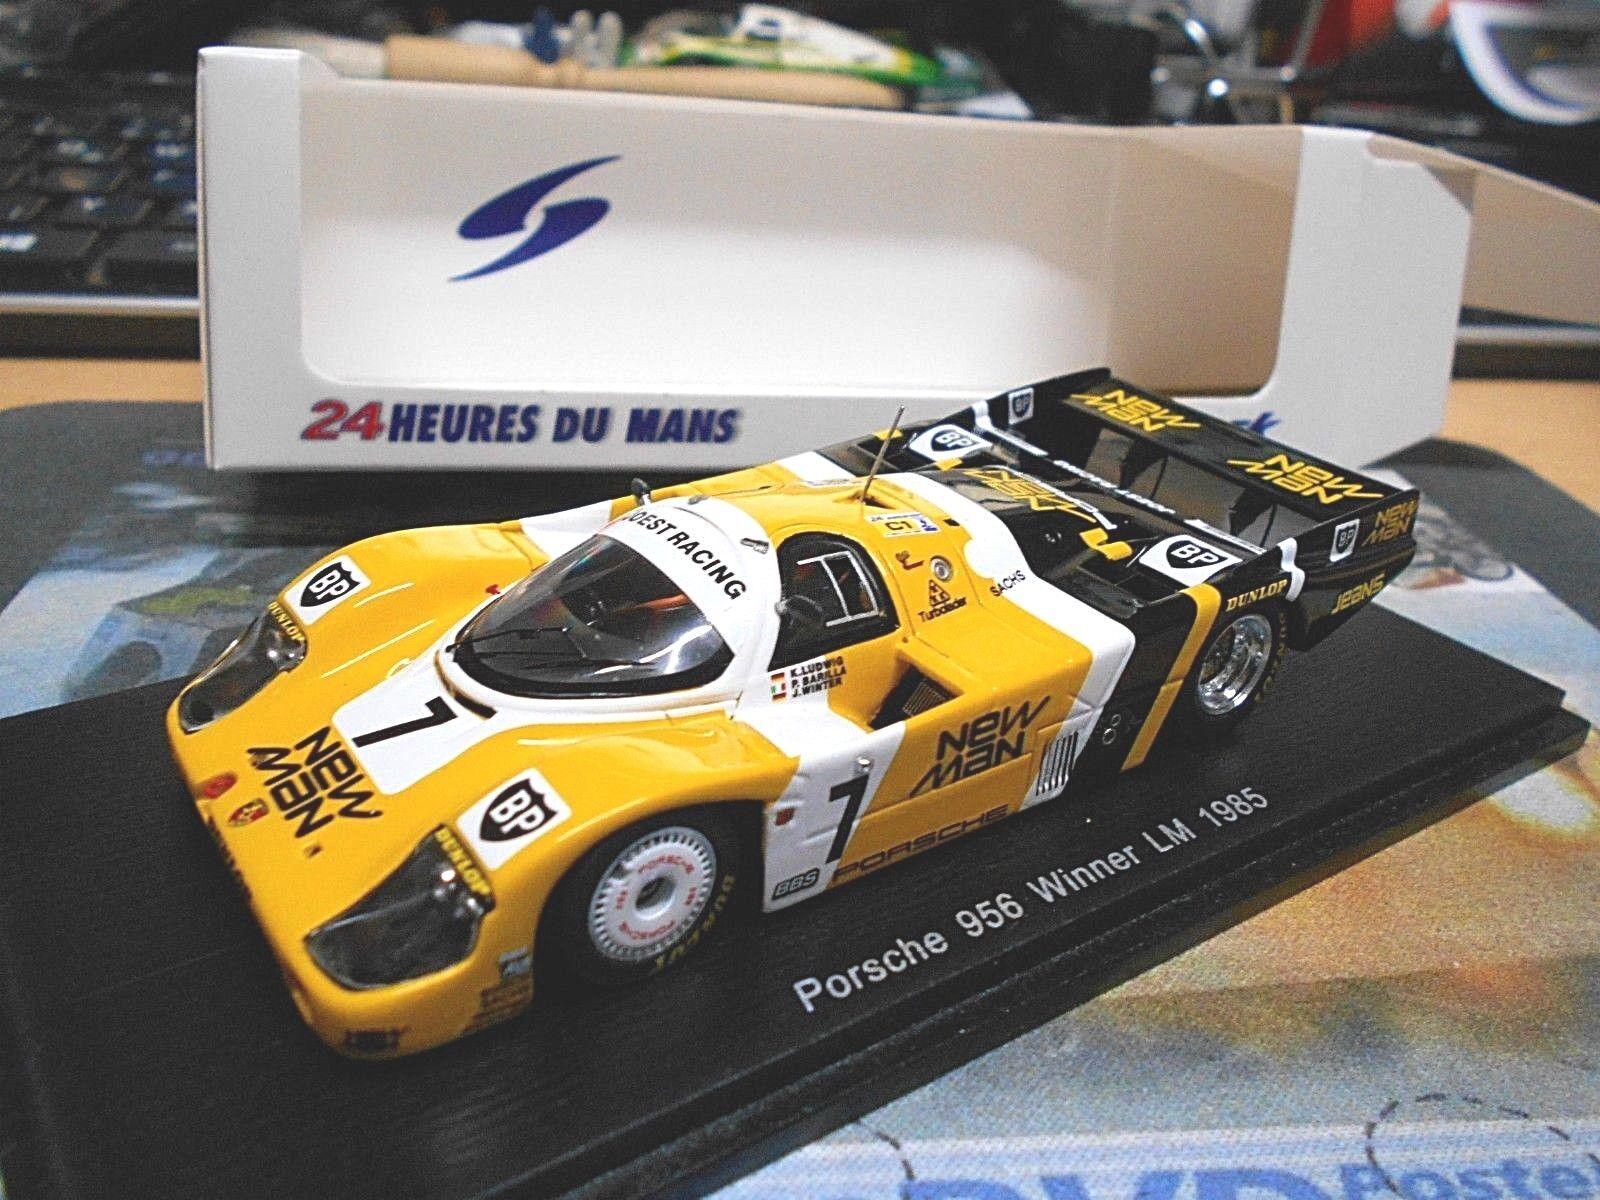 PORSCHE 956 L Le Mans 1985 New Man Joest Ludwig 7 Winner vainqueur Resin Spark 1 43